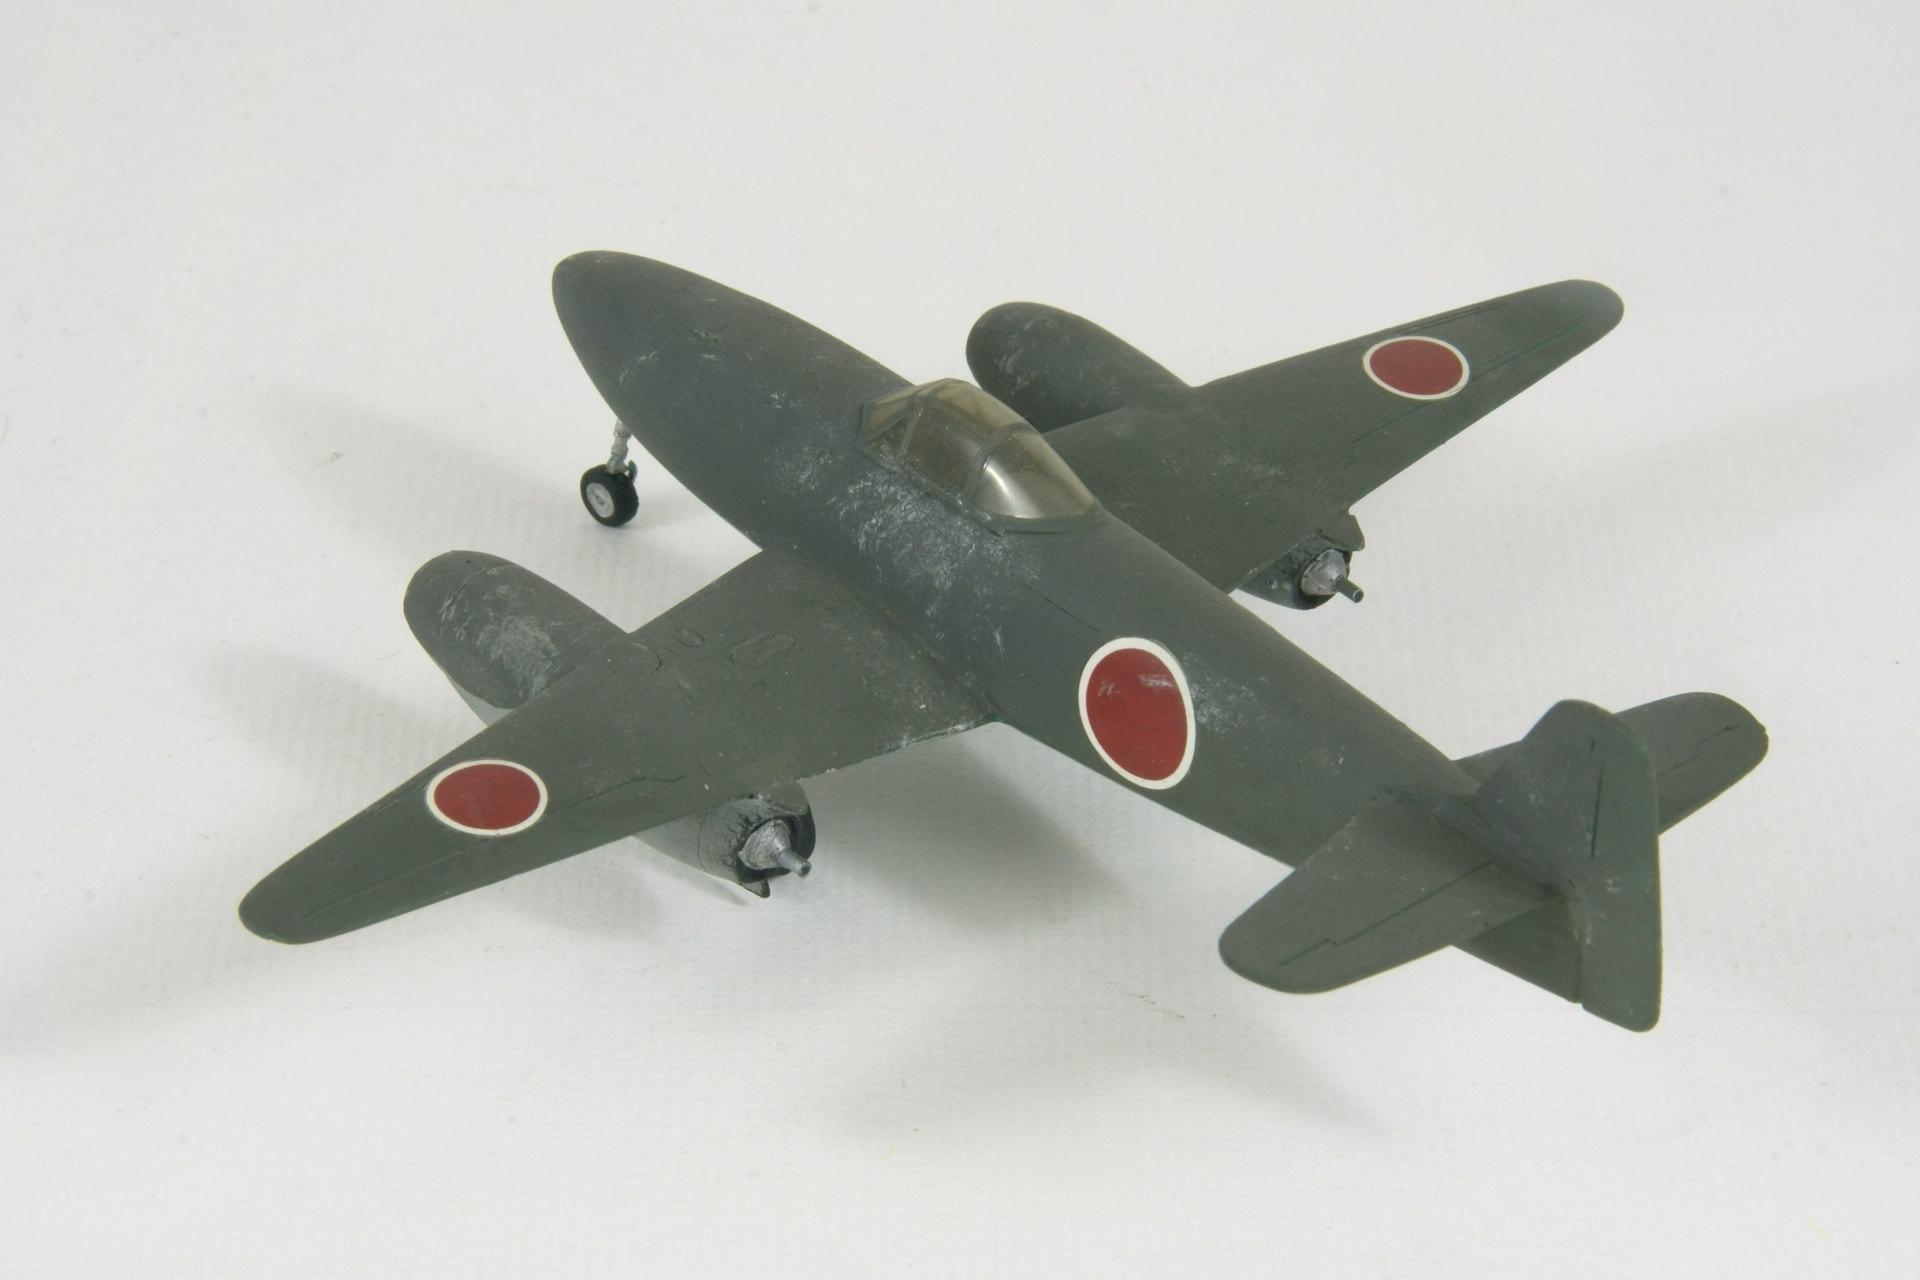 Nakajima kikka 2 1